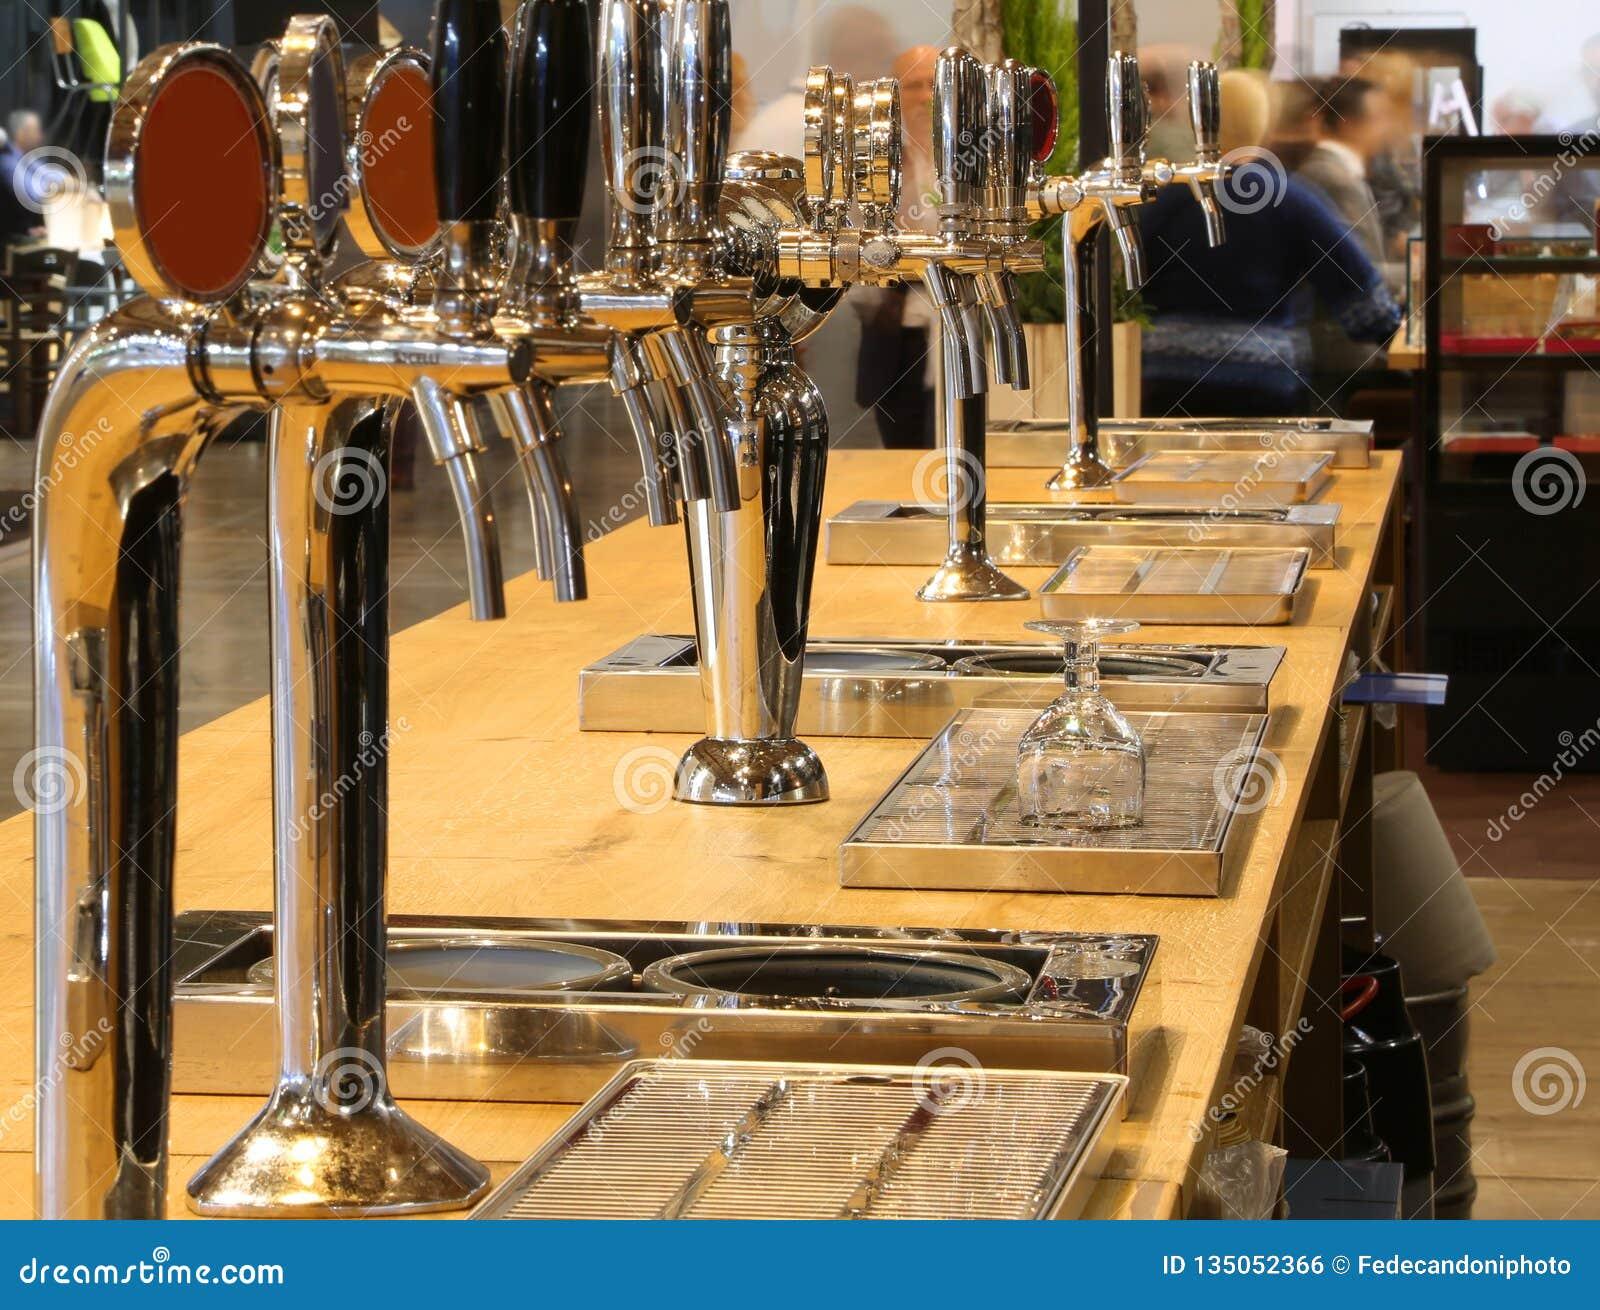 Ölklapp på räknaren av en irländsk bar